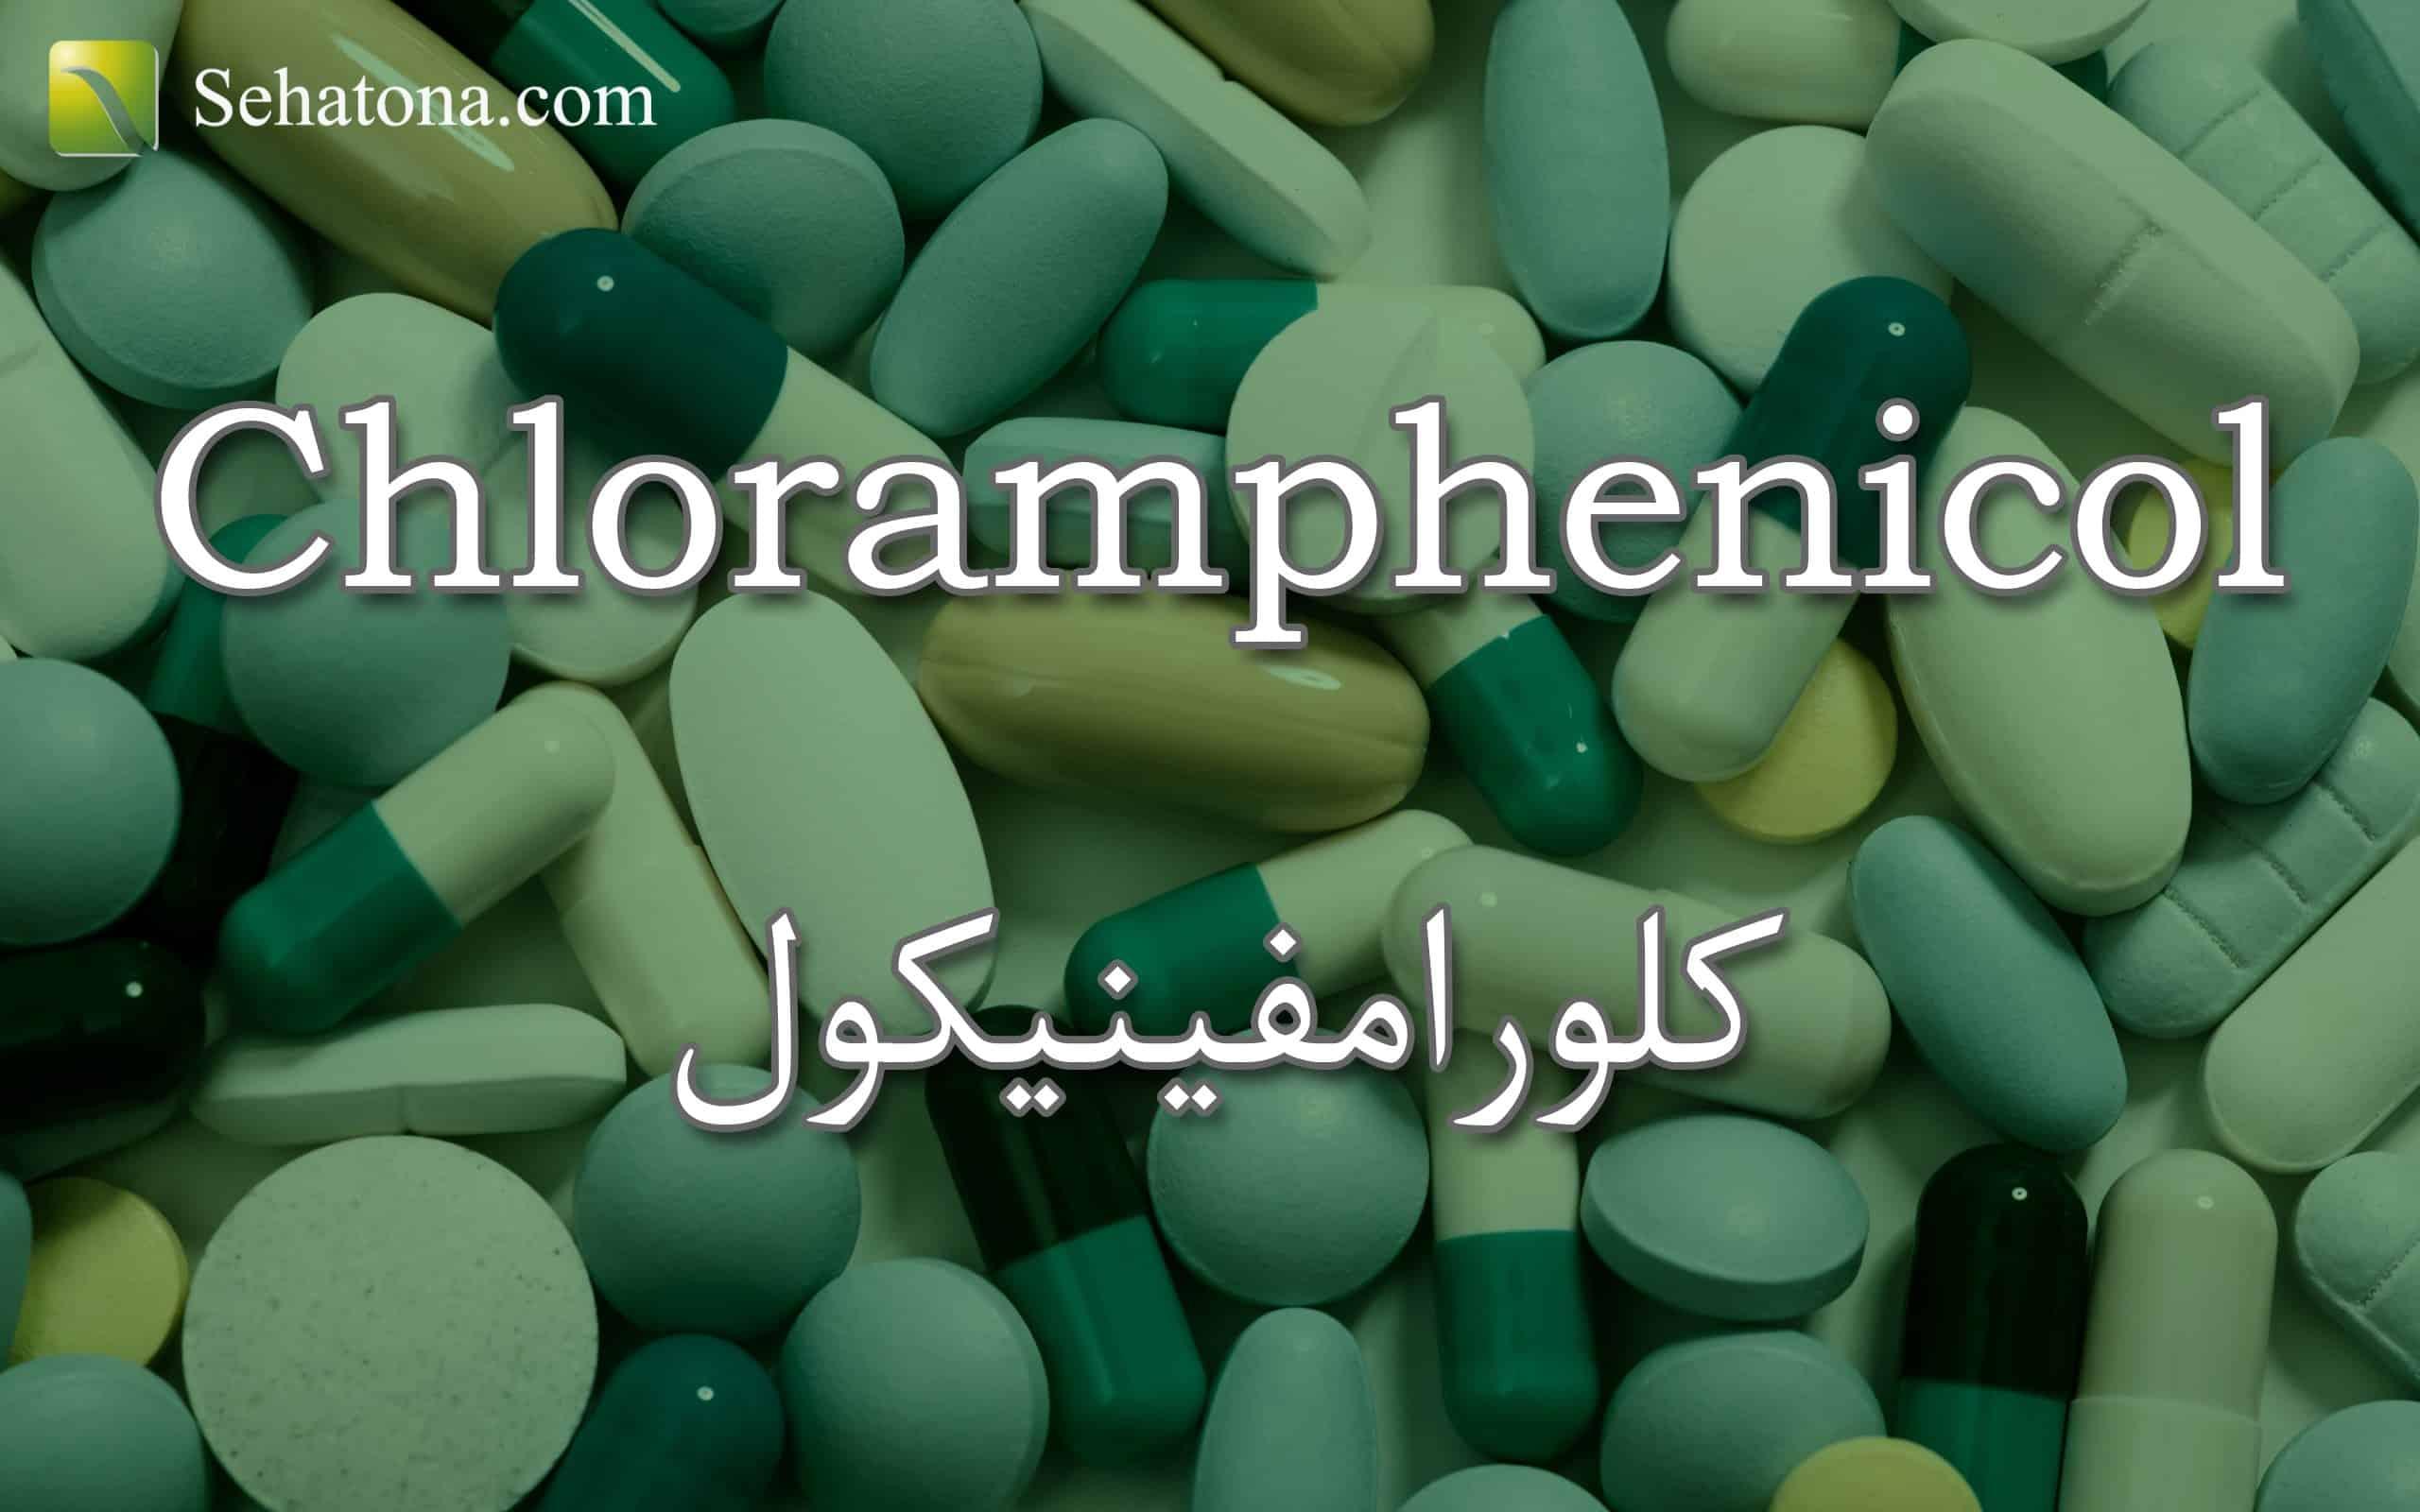 Chloramphenicol